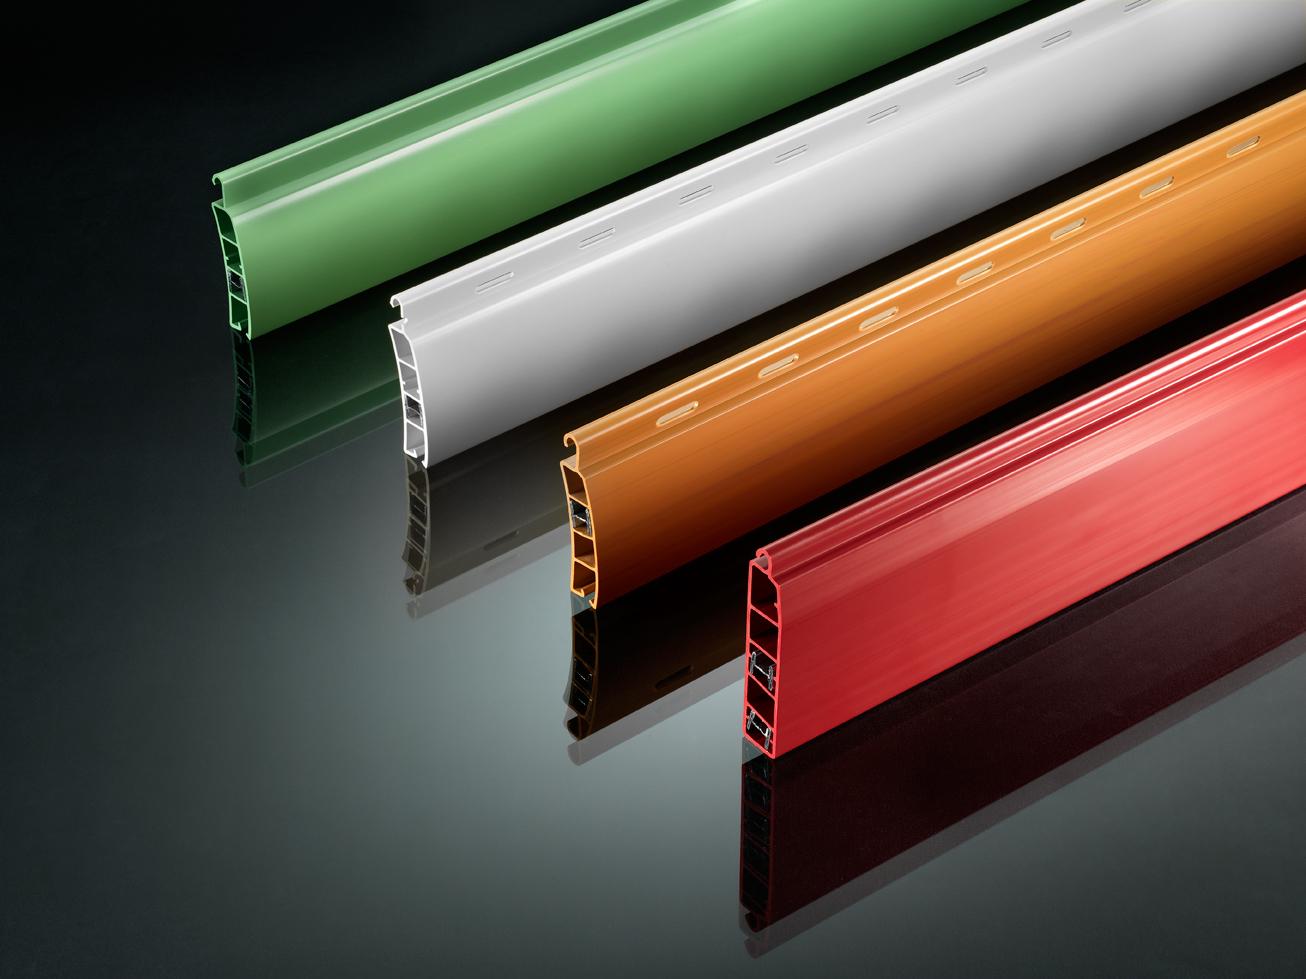 Cambiare Colore Infissi Alluminio tapparelle in pvc, alluminio e acciaio - reale infissi